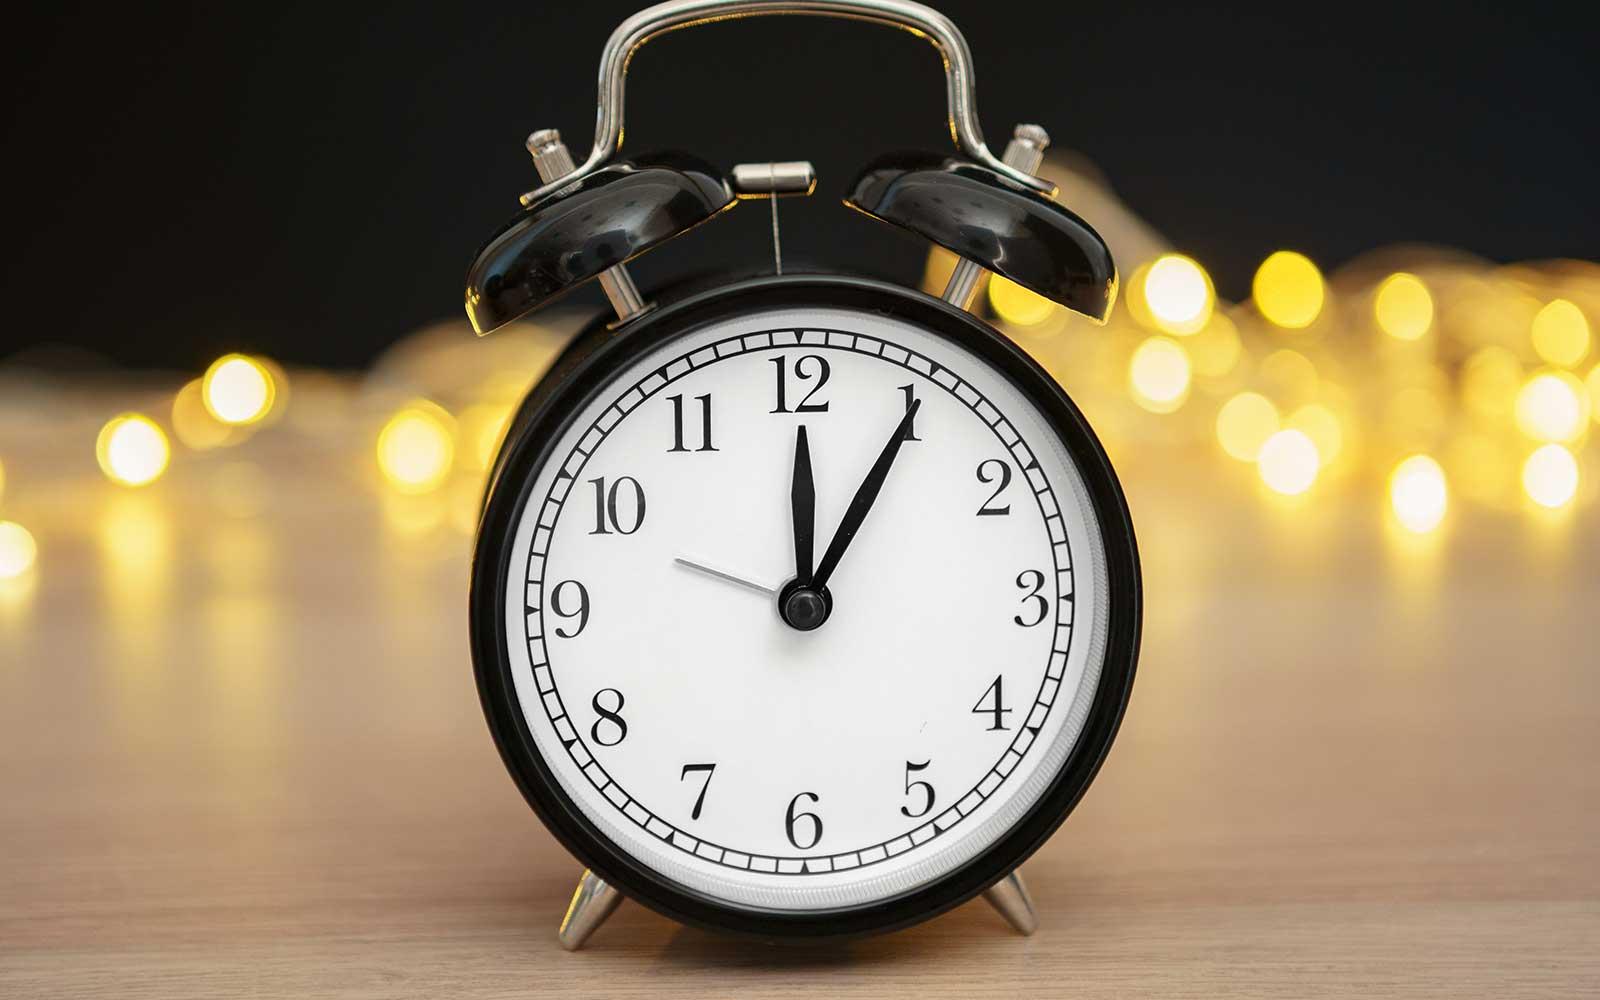 Réveil rétro affiché 12h05 pour ouverture de l'institut le midi. Institut de beauté Emeline Esthétique La Verrie 85